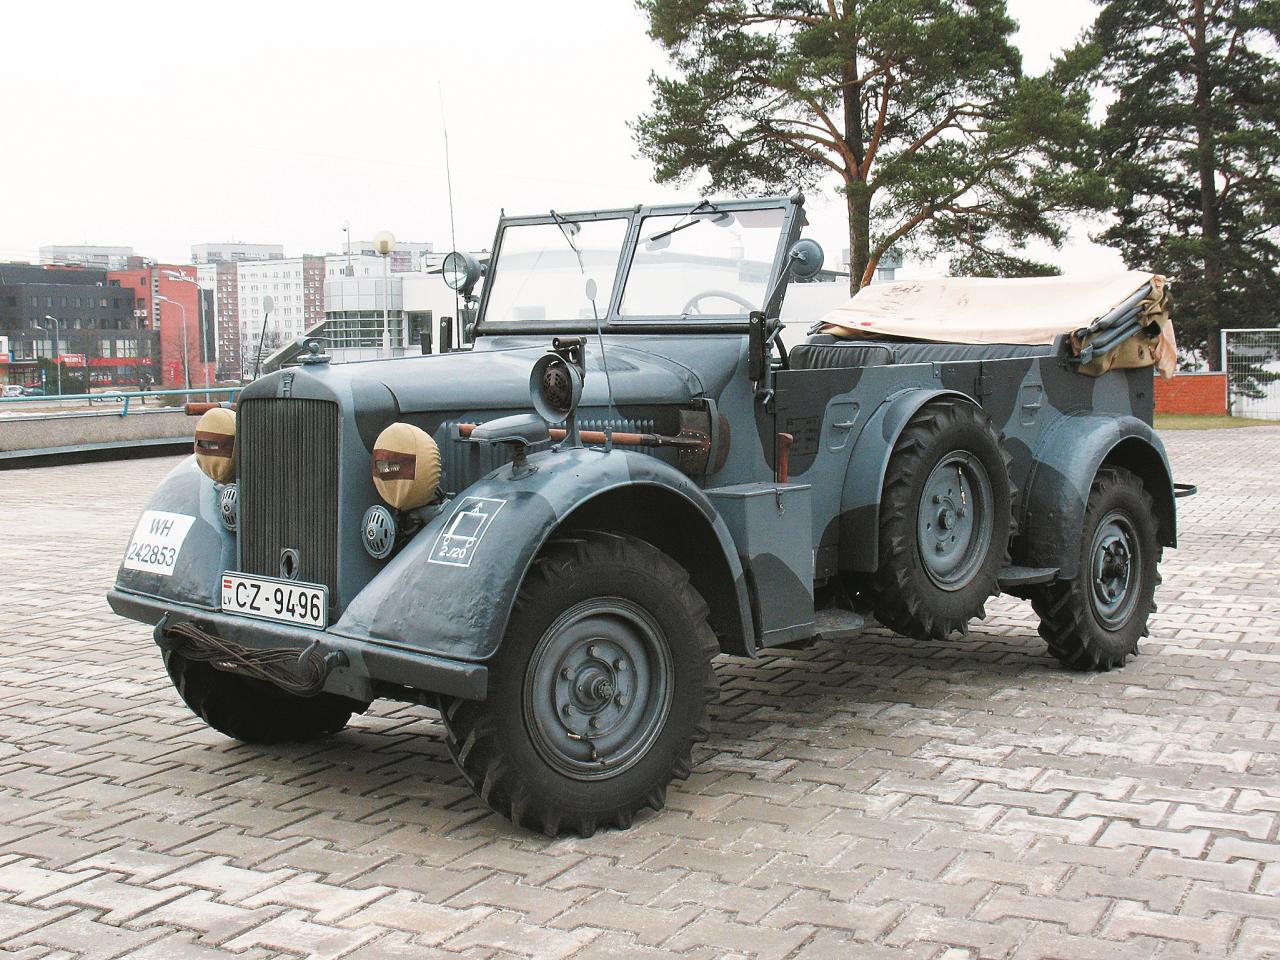 Automobilis ir nokomplektēts pilnā ekipējumā ar lāpstu, cirvi. Uz dubļu sarga sirēna un maskēšanās lukturis, kā arī attiecīgās karaspēka daļas apzīmējums.